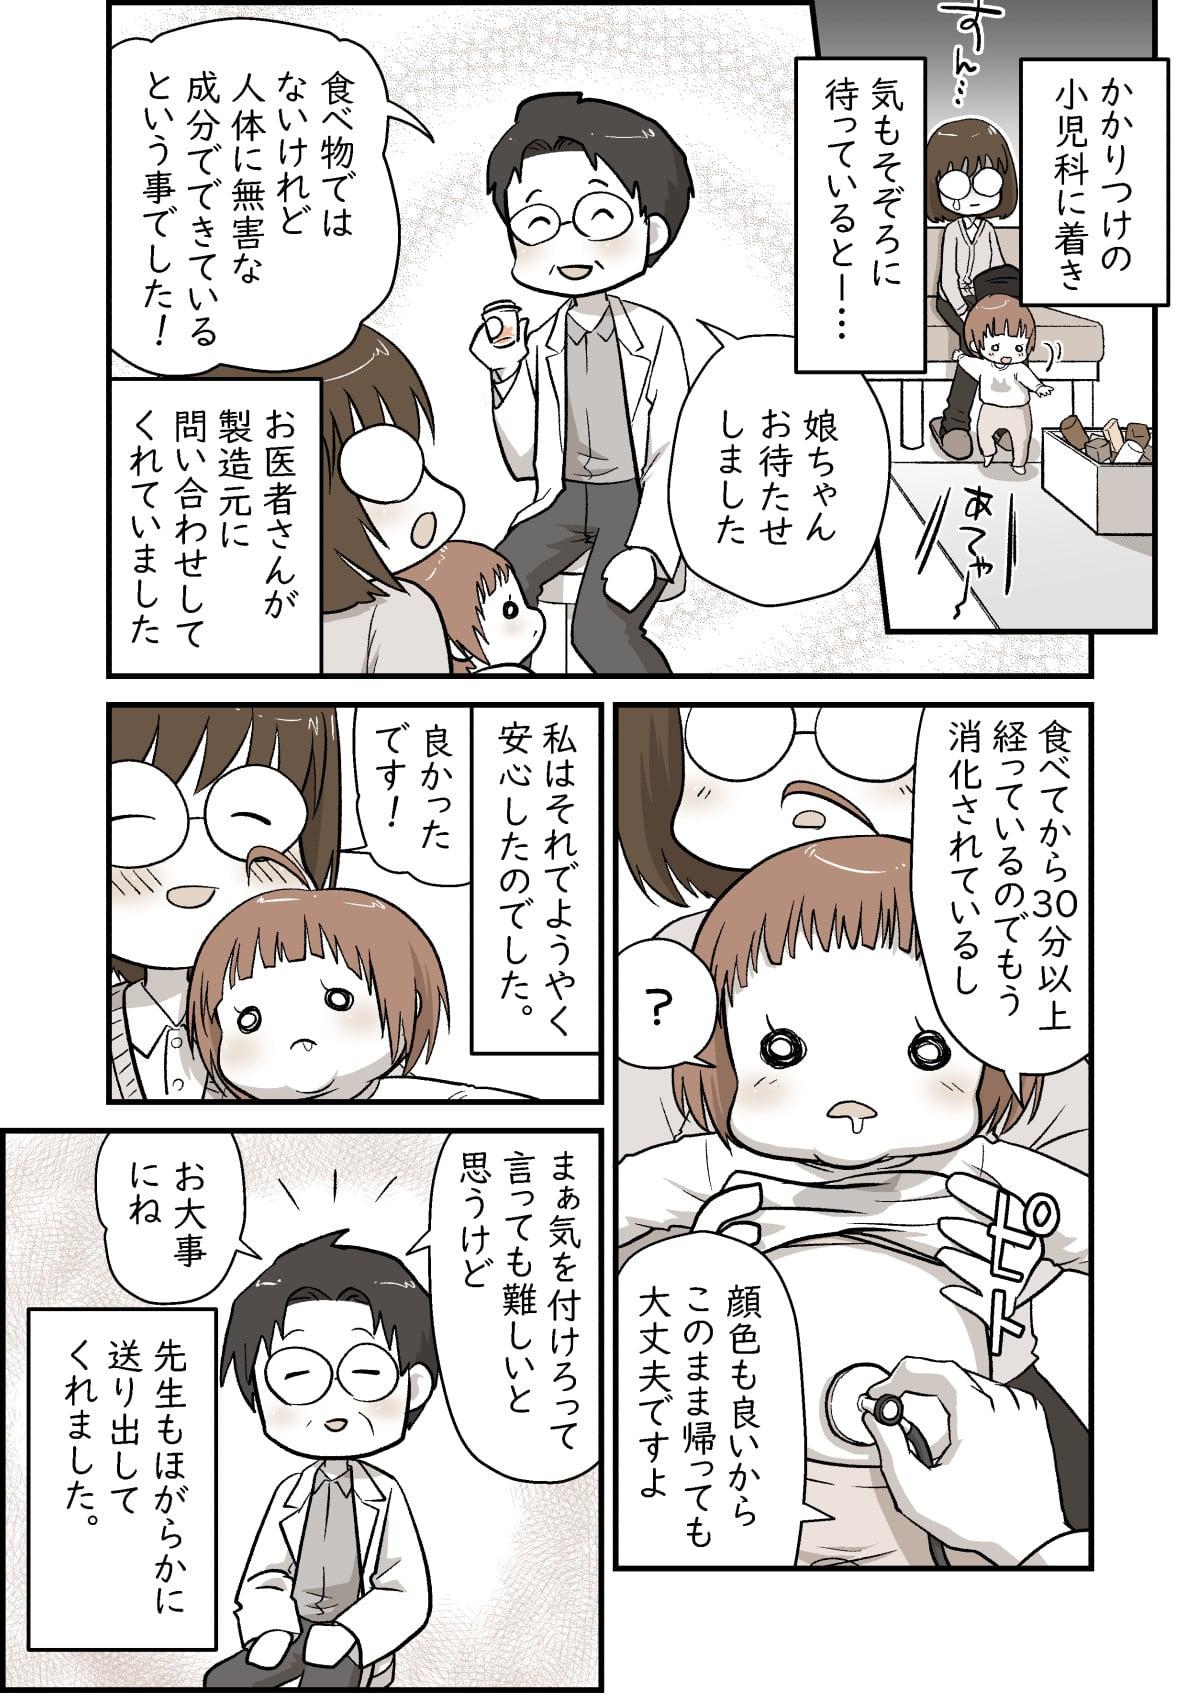 ママスタ単発連載03_010